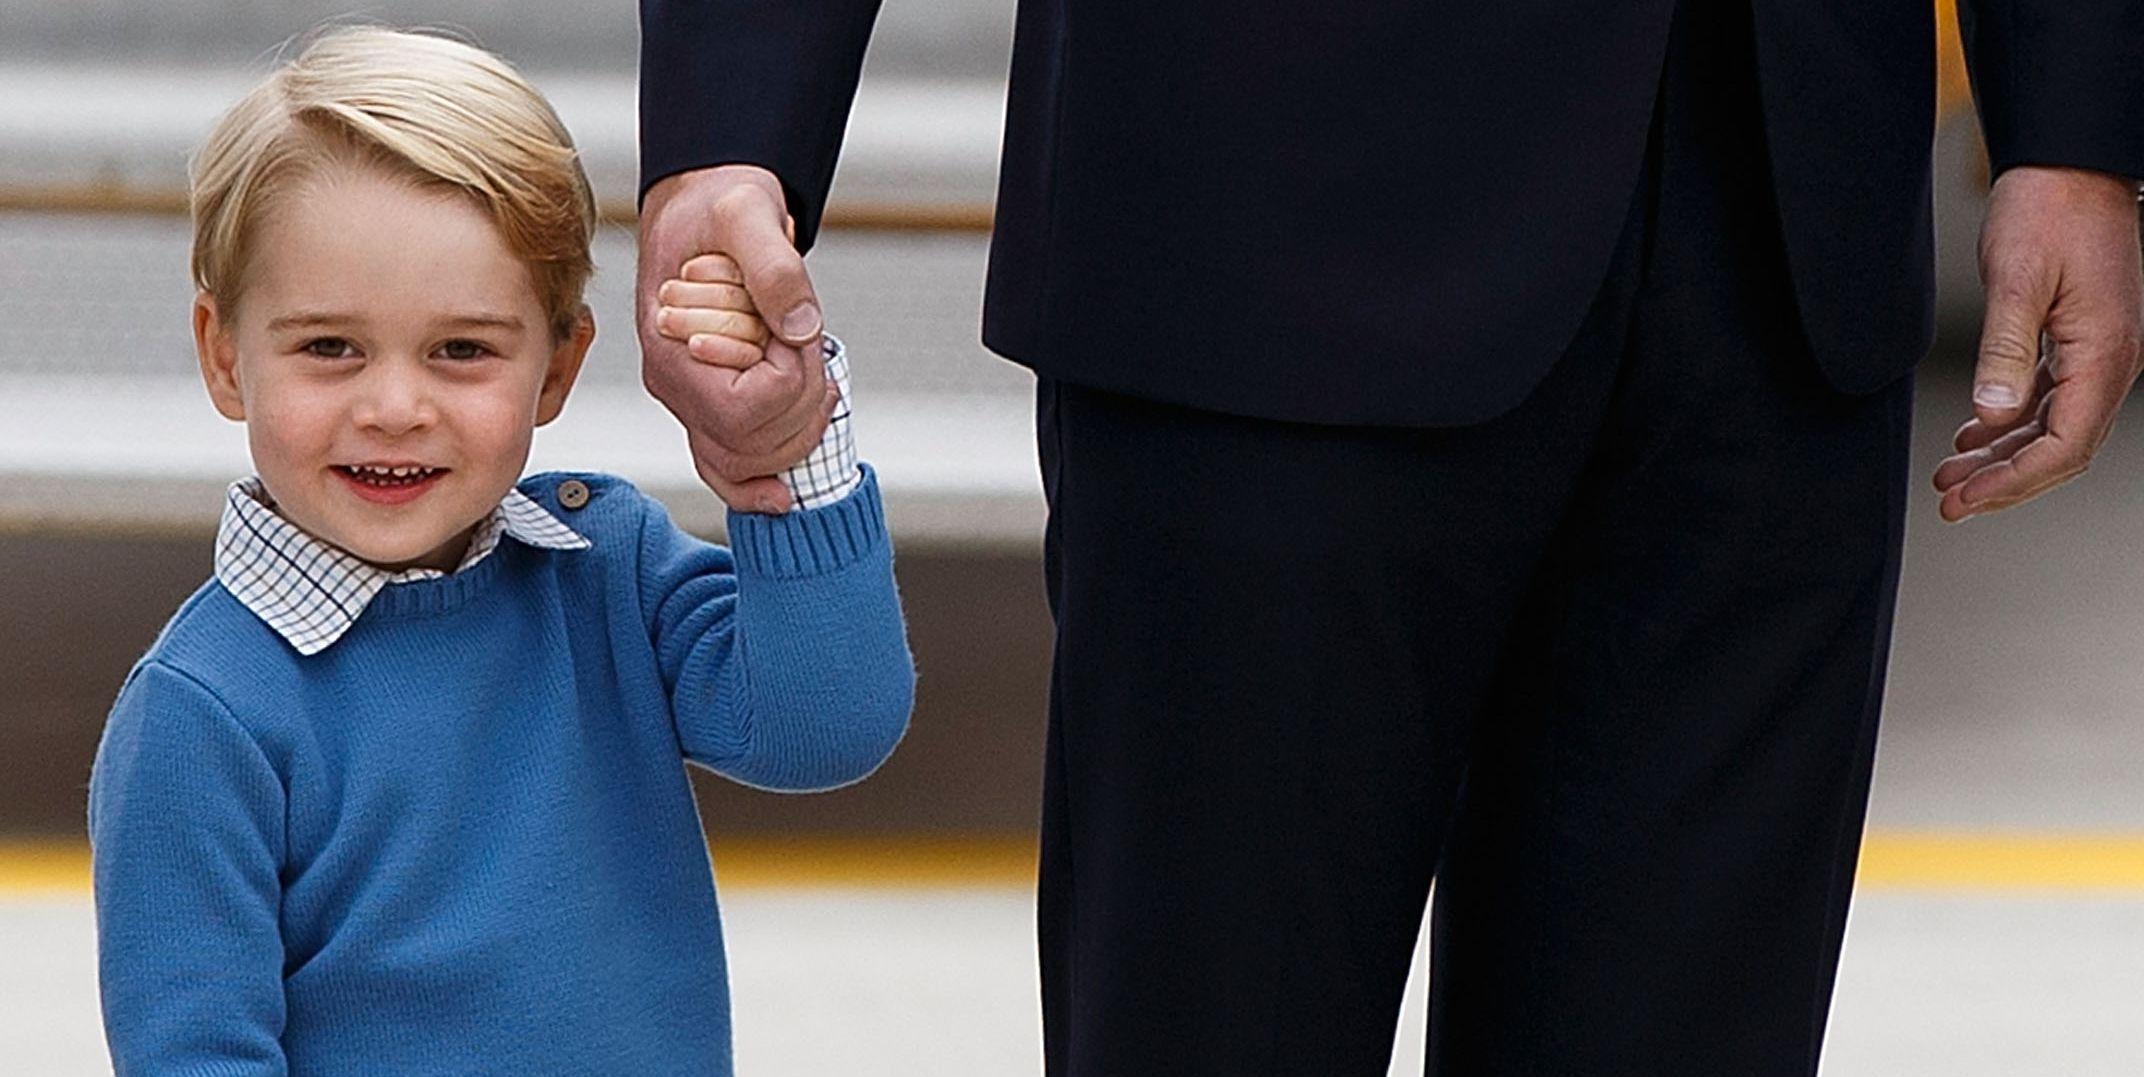 principino-george-royal-family-news